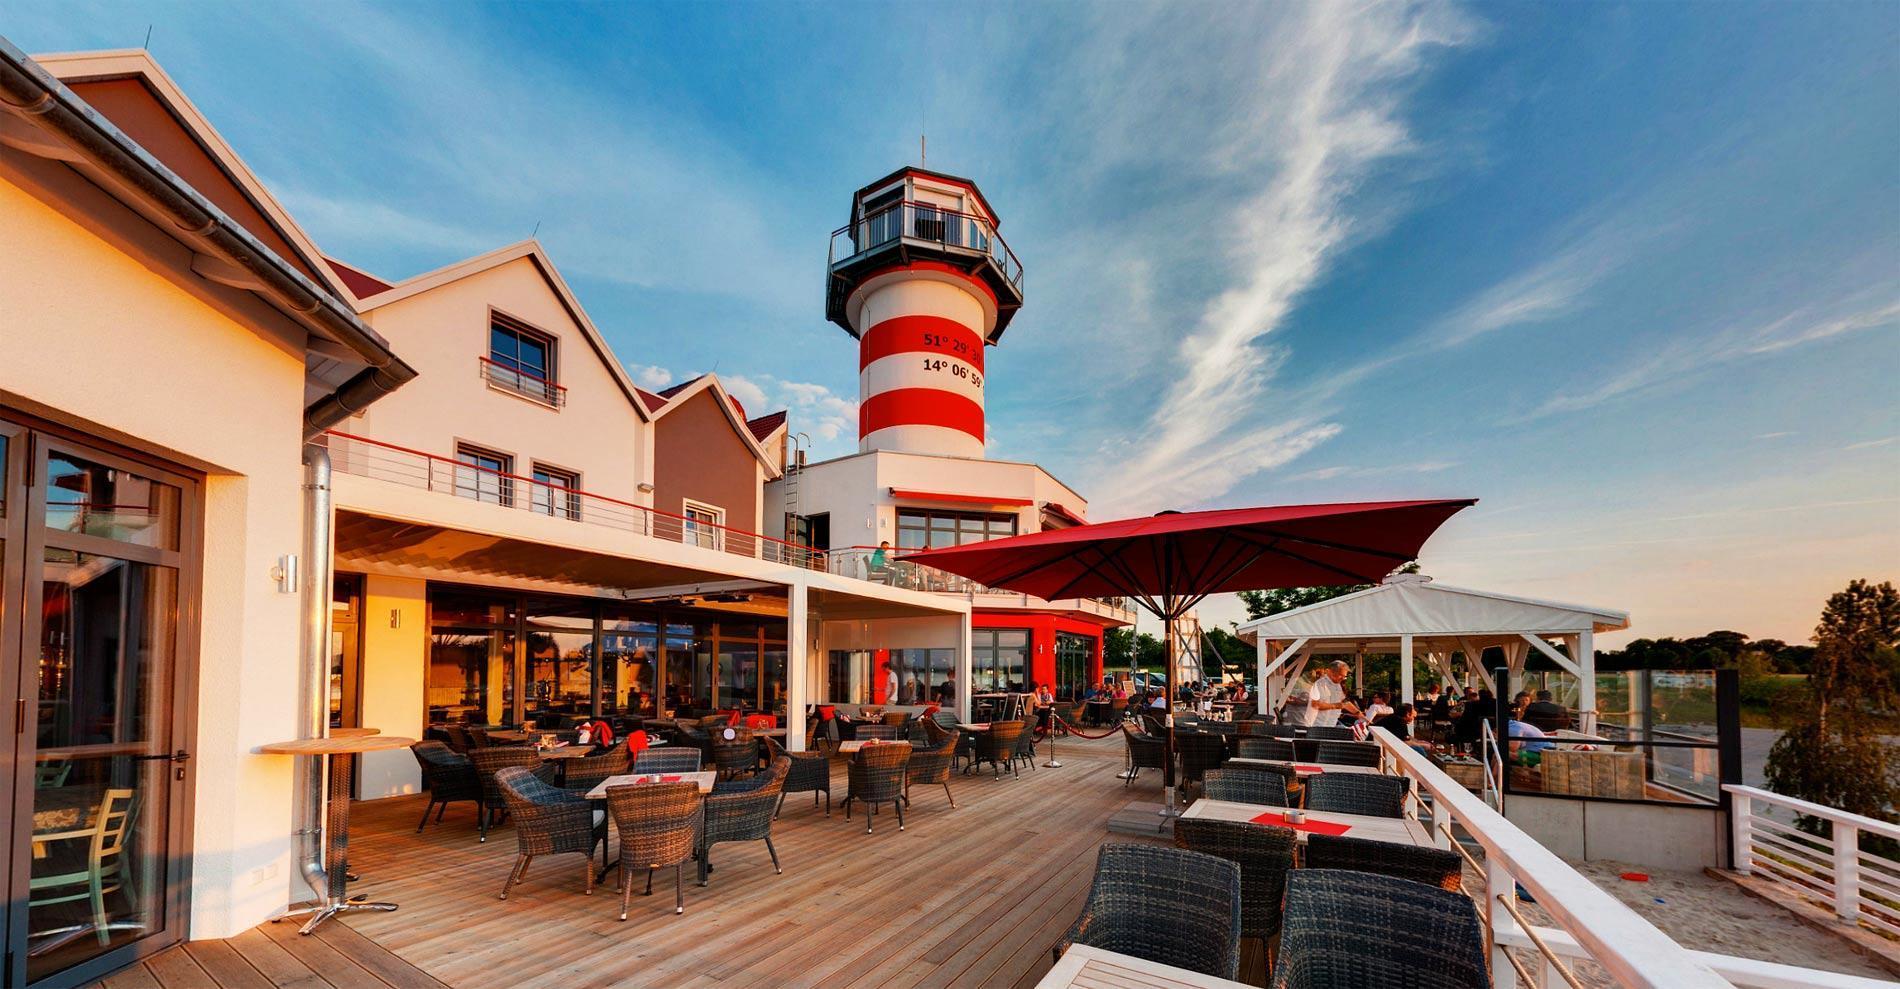 der leuchtturm komplex derleuchtturm hotel und restaurant im lausitzer seenland. Black Bedroom Furniture Sets. Home Design Ideas